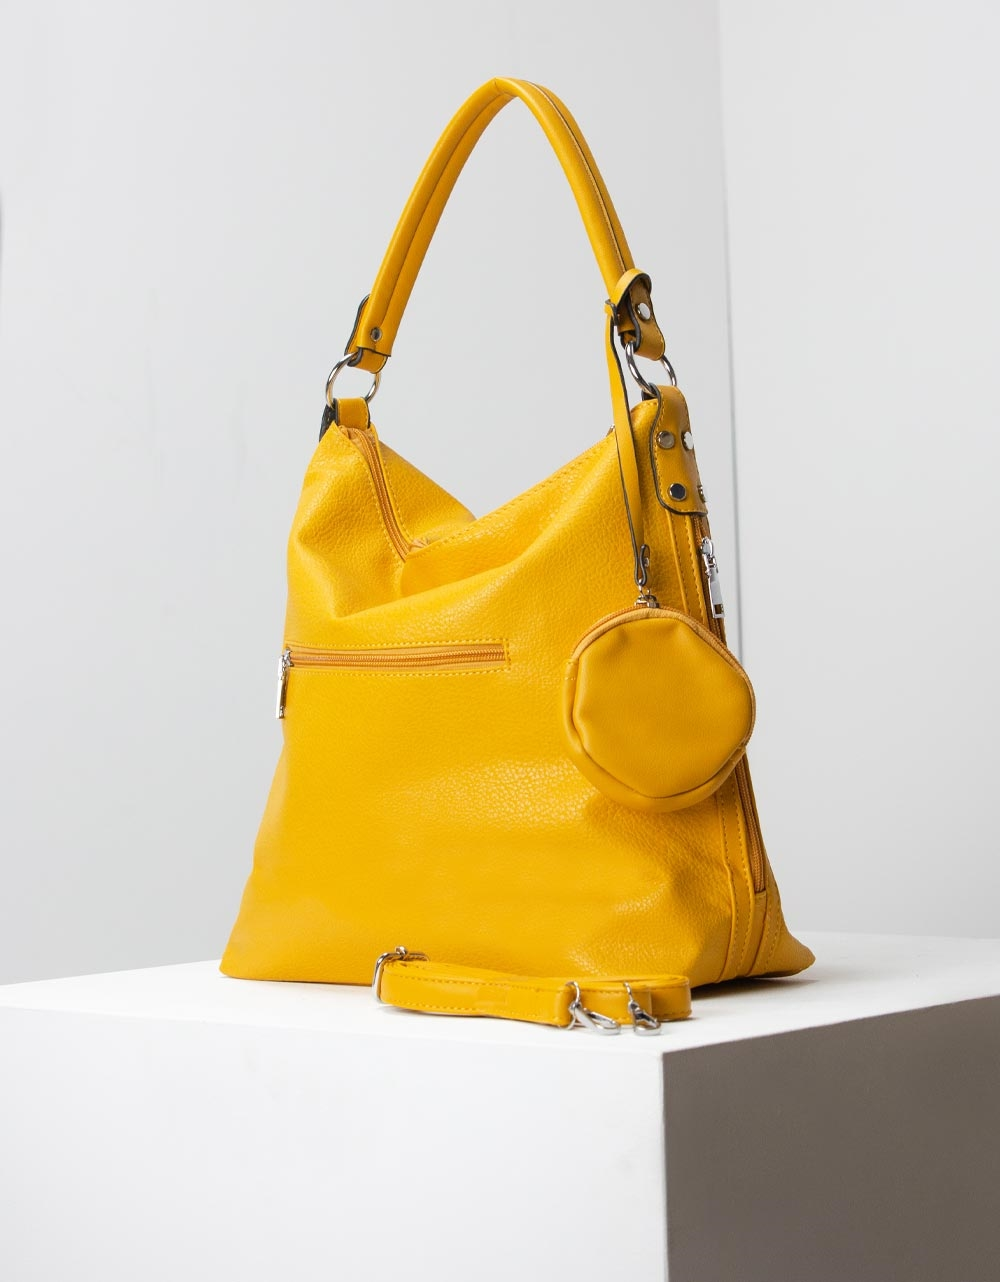 Εικόνα από Γυναικείες τσάντες ώμου χιαστί μονόχρωμες Κίτρινο